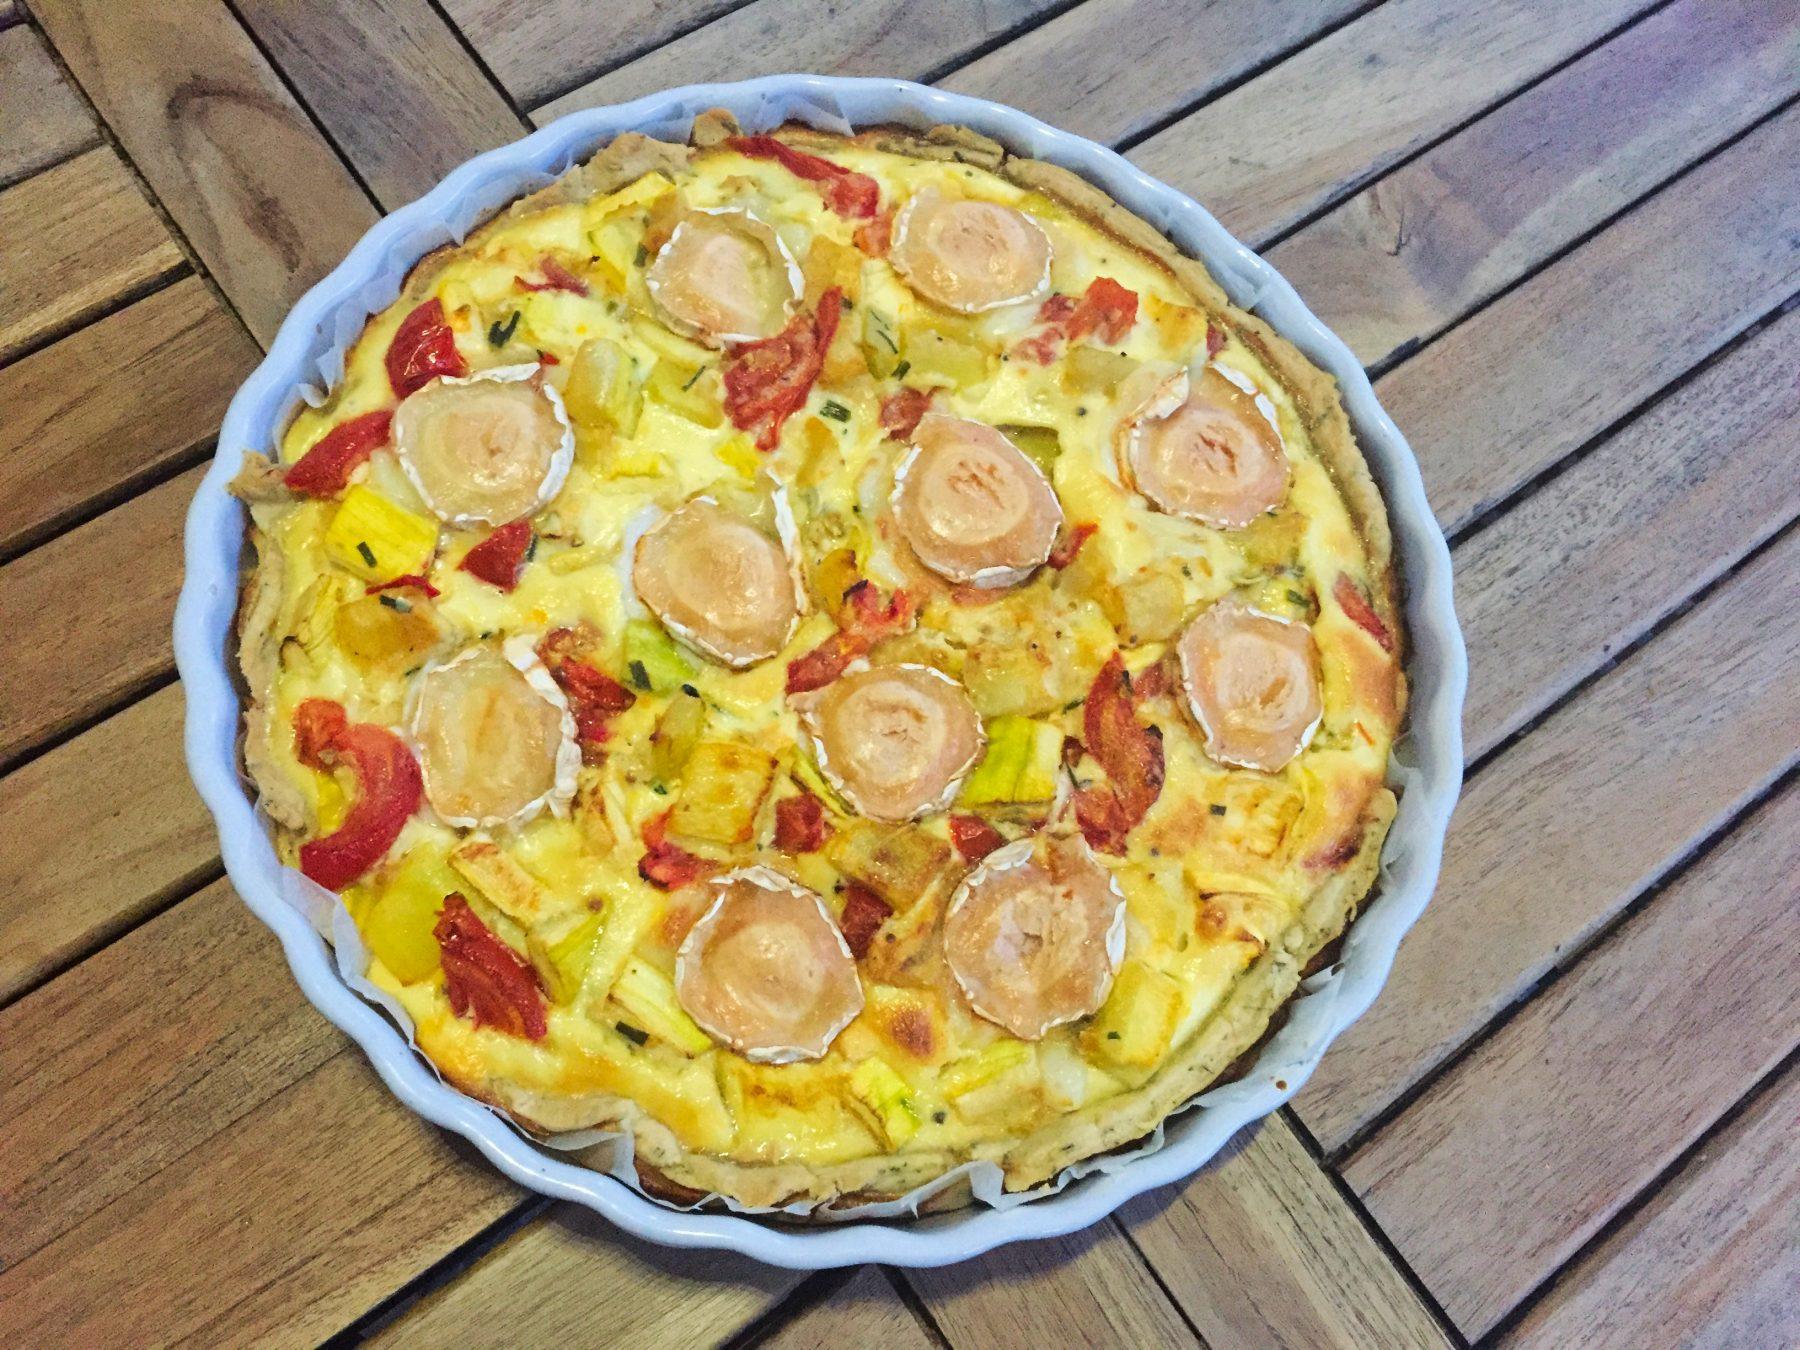 Recette De Tarte Courgettes Tomates Chevre Cuisine Blog